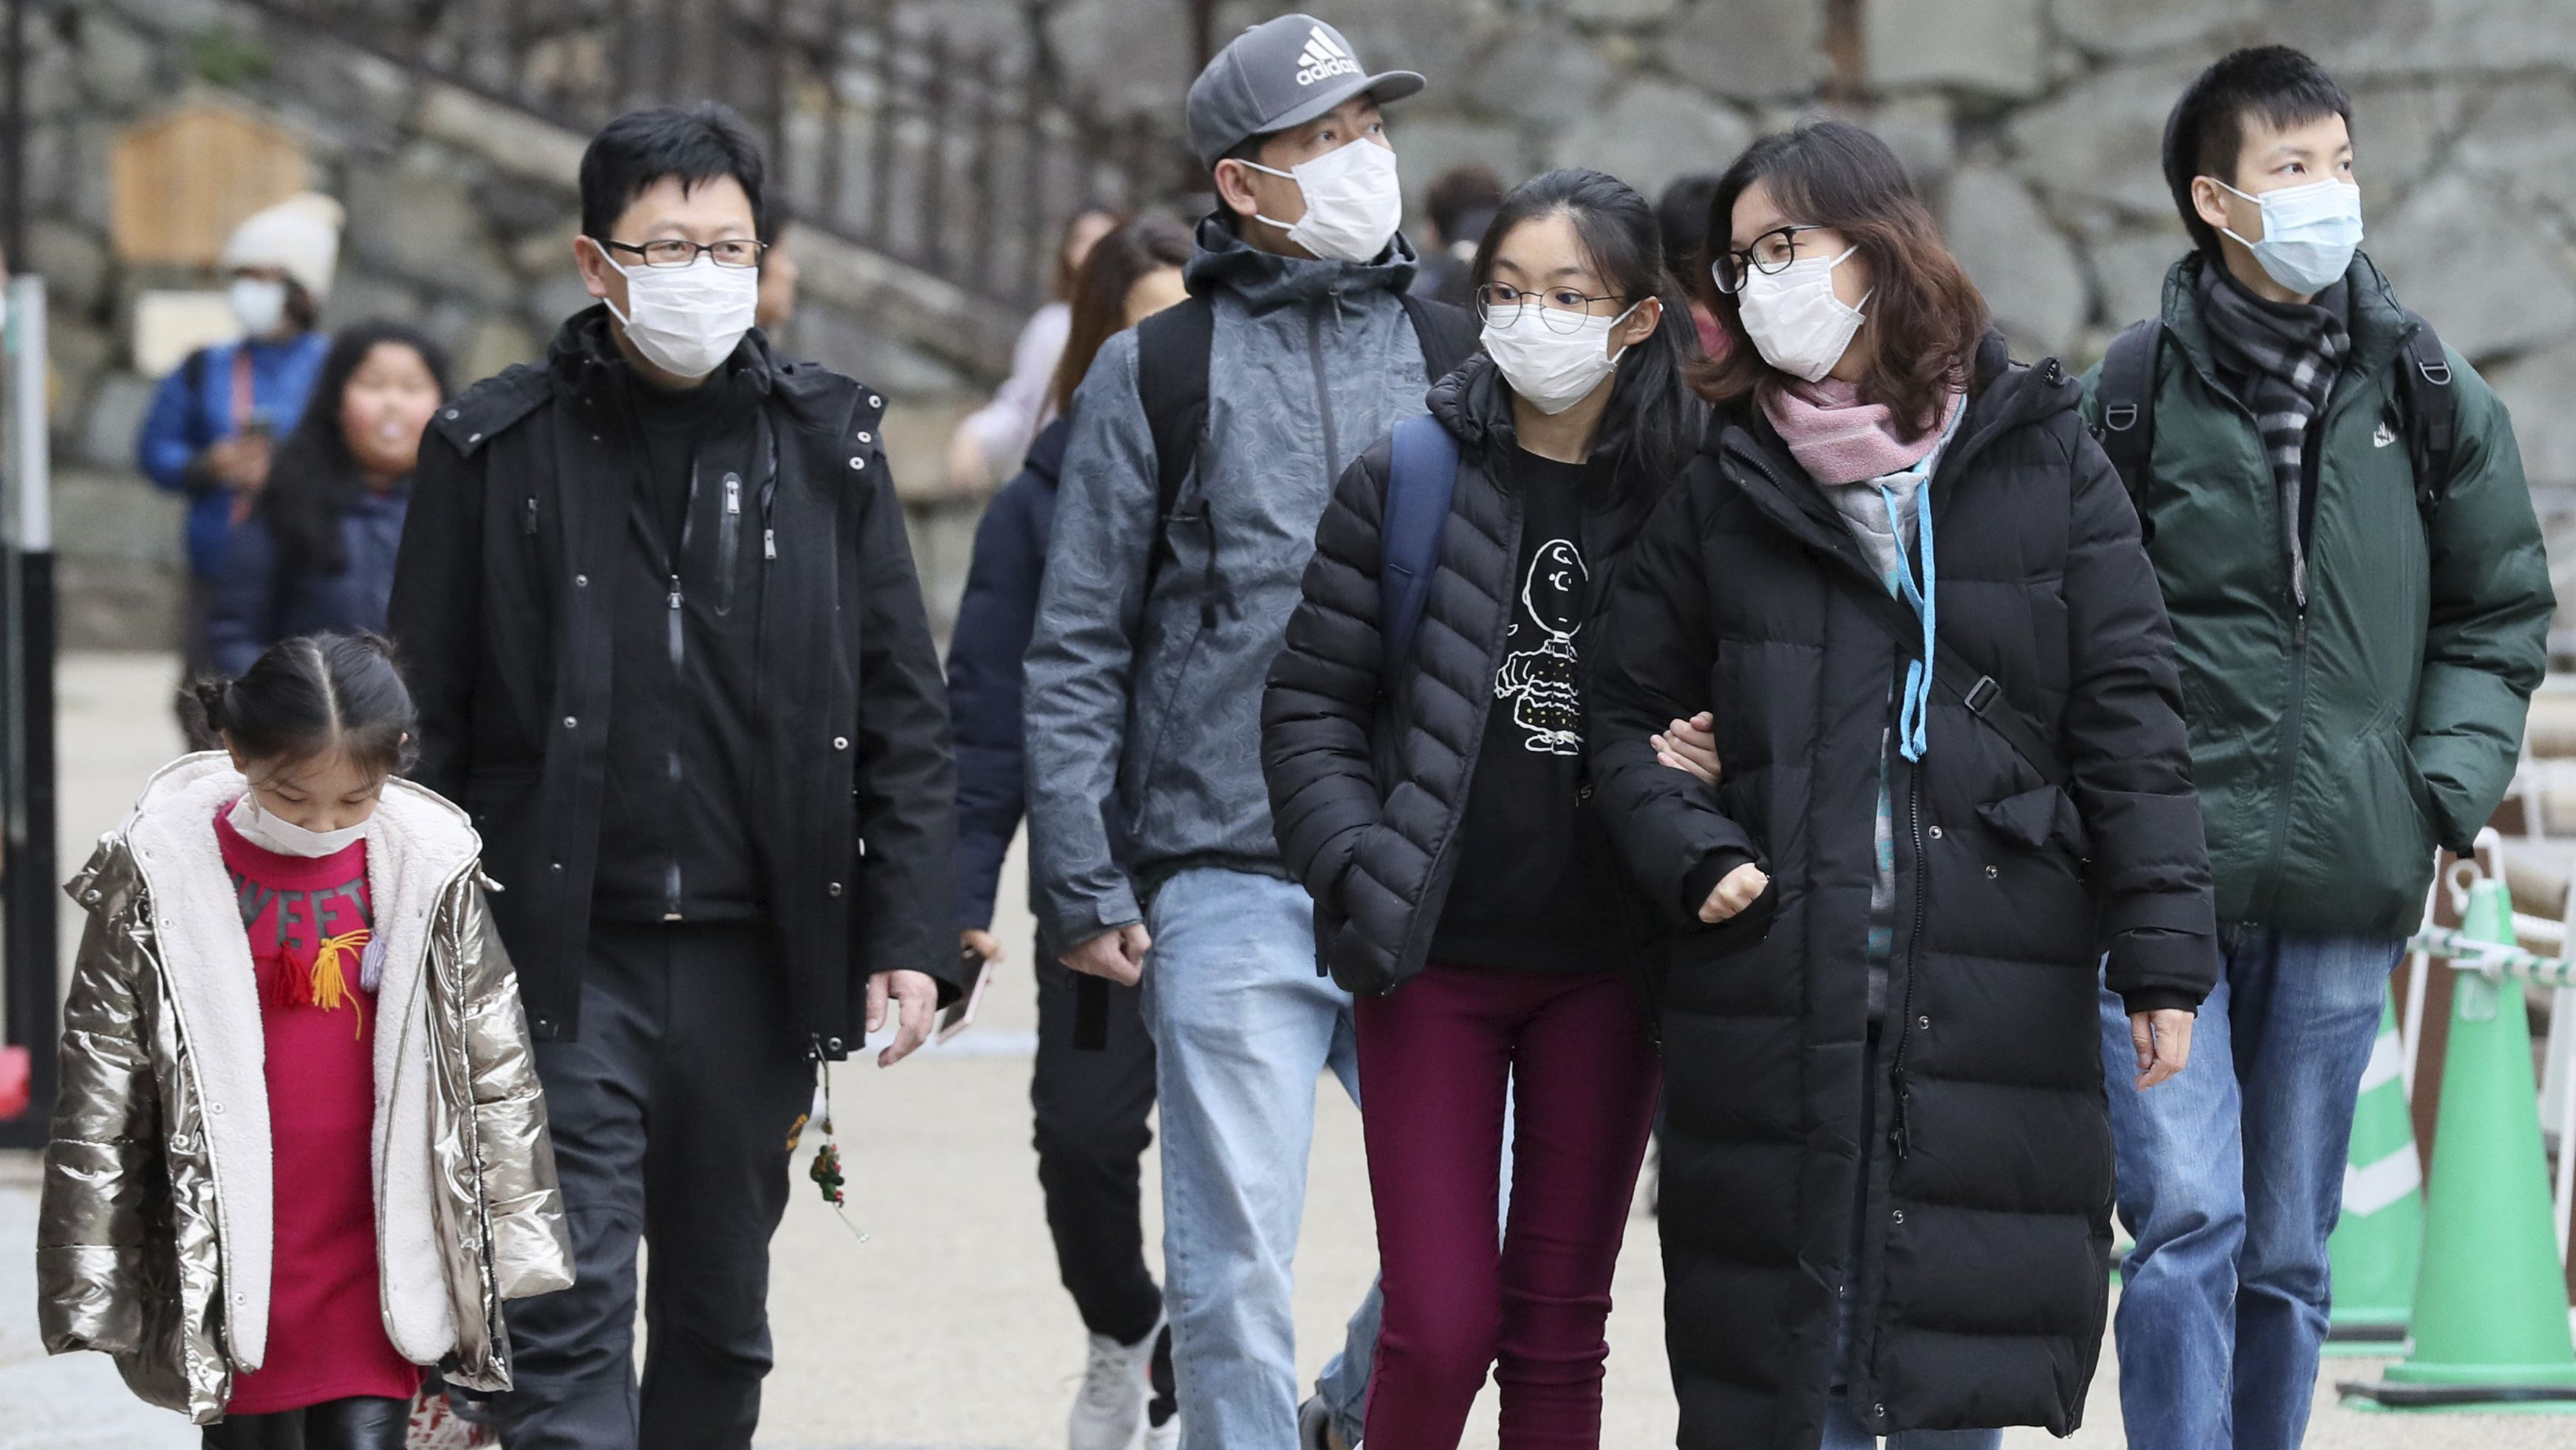 Angst vor dem Coronavirus: Touristen mit Mundschutz in Nagoya.